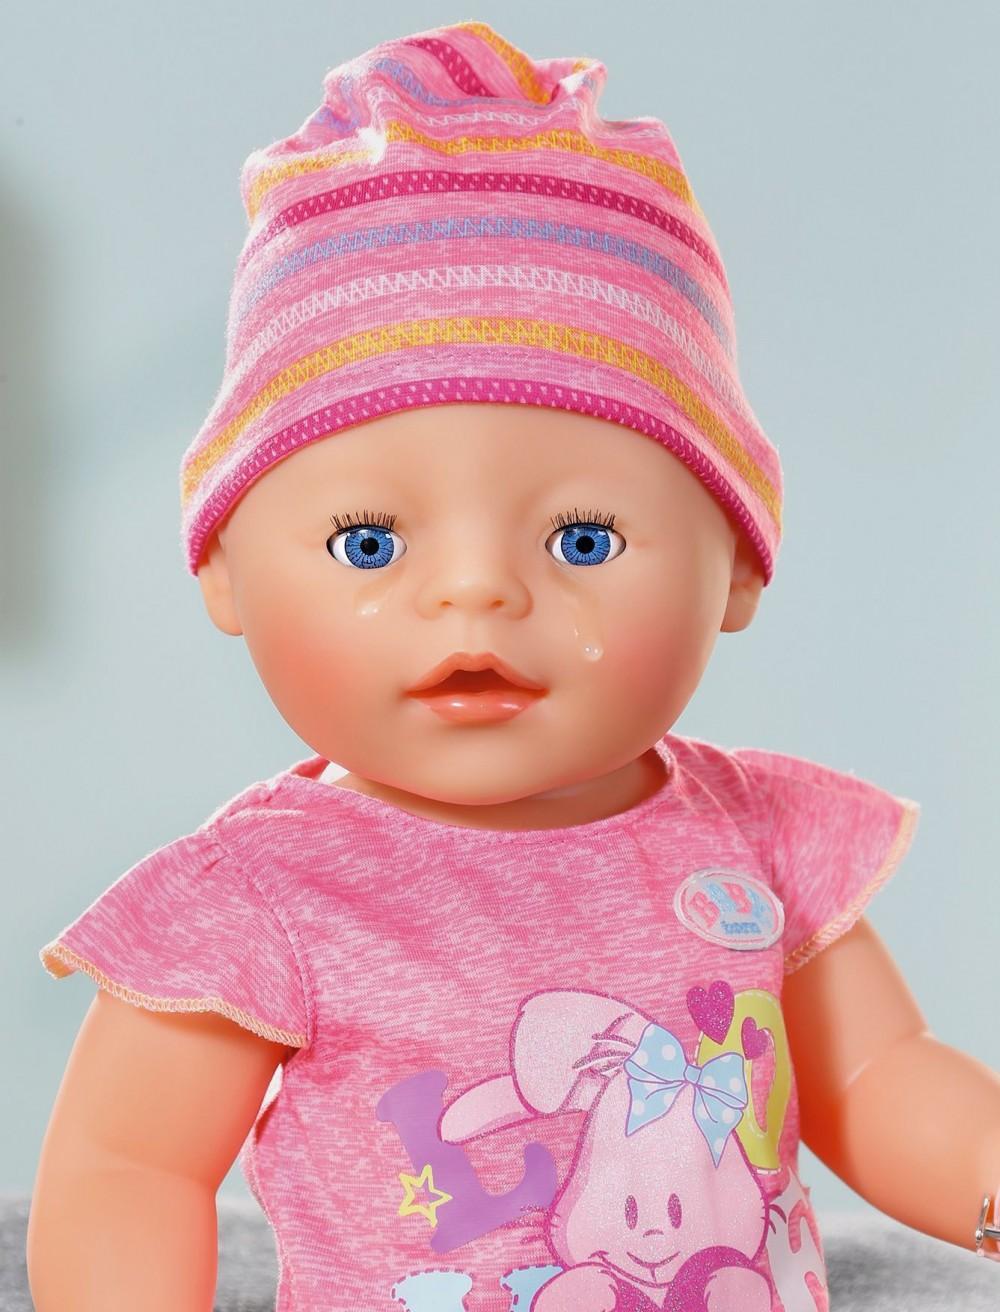 искупался картинки всех кукол беби бон украшают окна, дверные